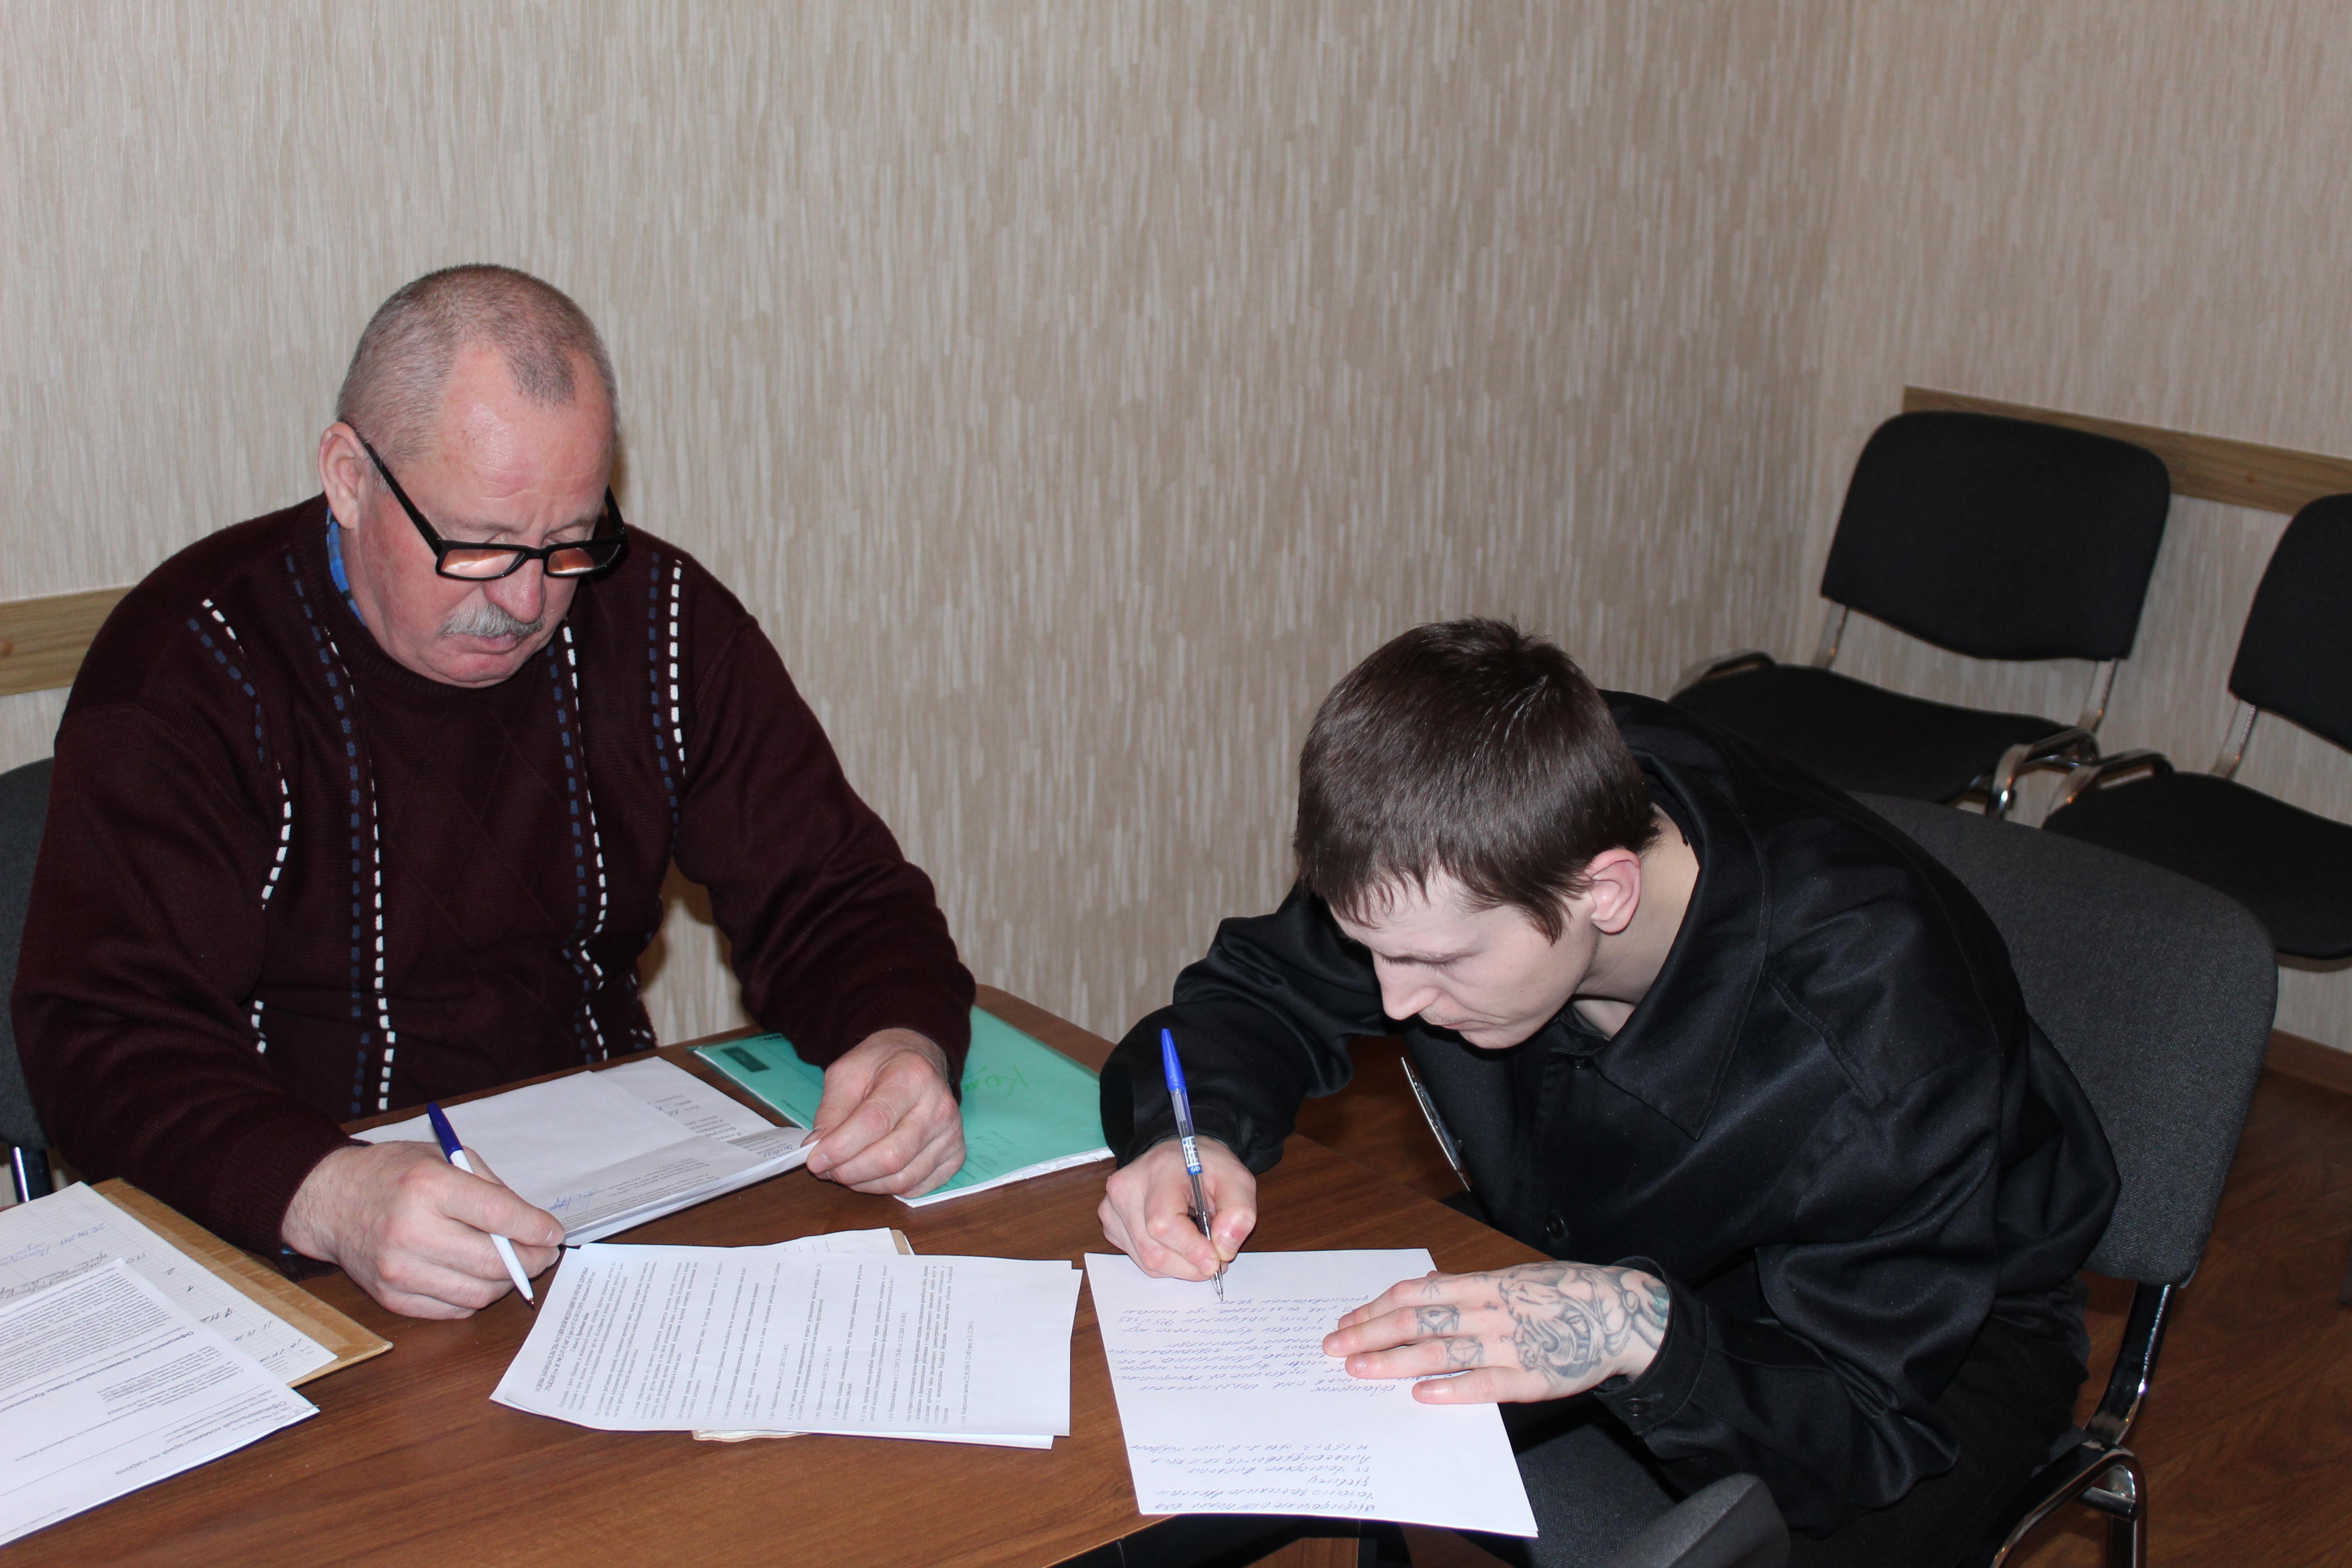 Конфликт между главой Кусинского района Виктором Пенягиным и сиротой Алексеем Комедько, начавшийс